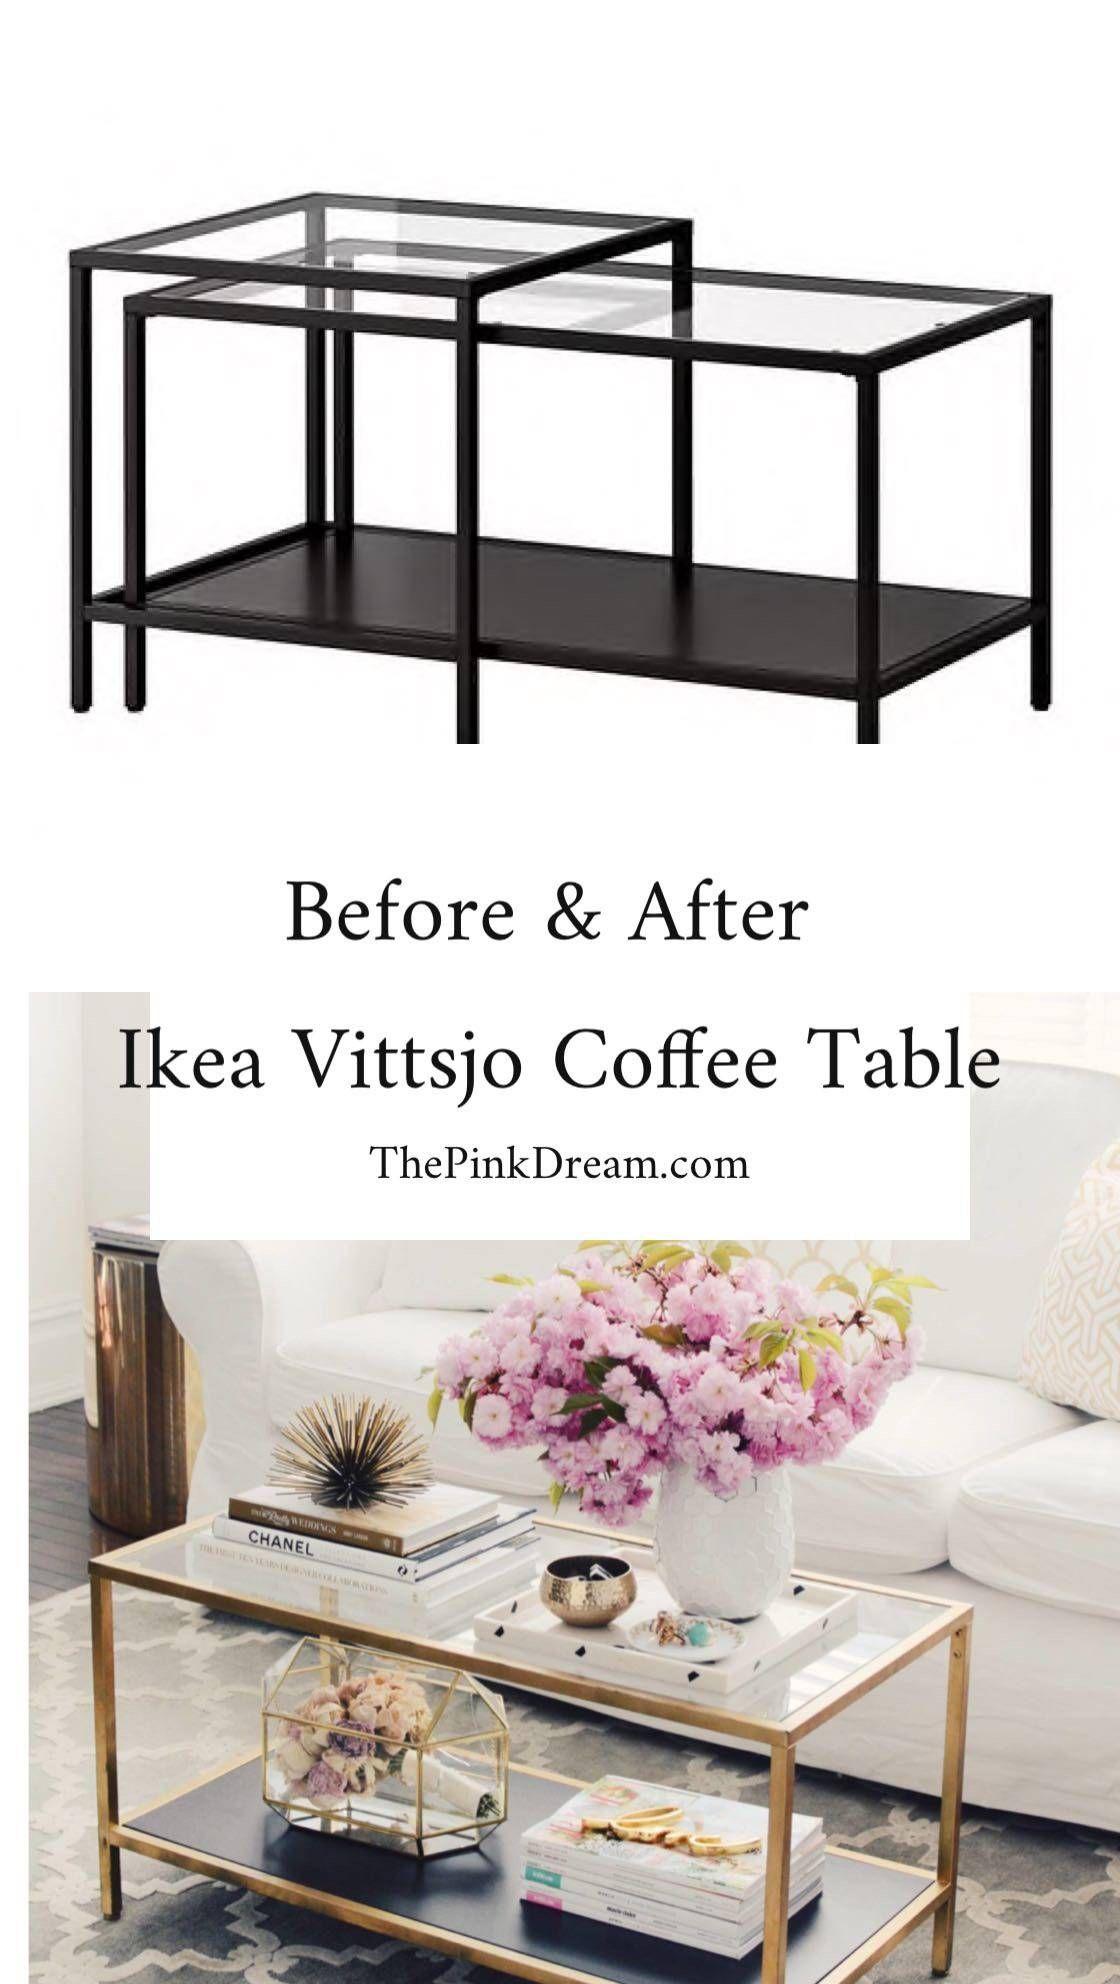 Ikea Vittsjo Coffee Table Hack Step By Step Ikea Vittsjo Table Hack Ikea Coffee Table Coffee Table Ikea Hack Coffee Table Hacks [ 1984 x 1120 Pixel ]